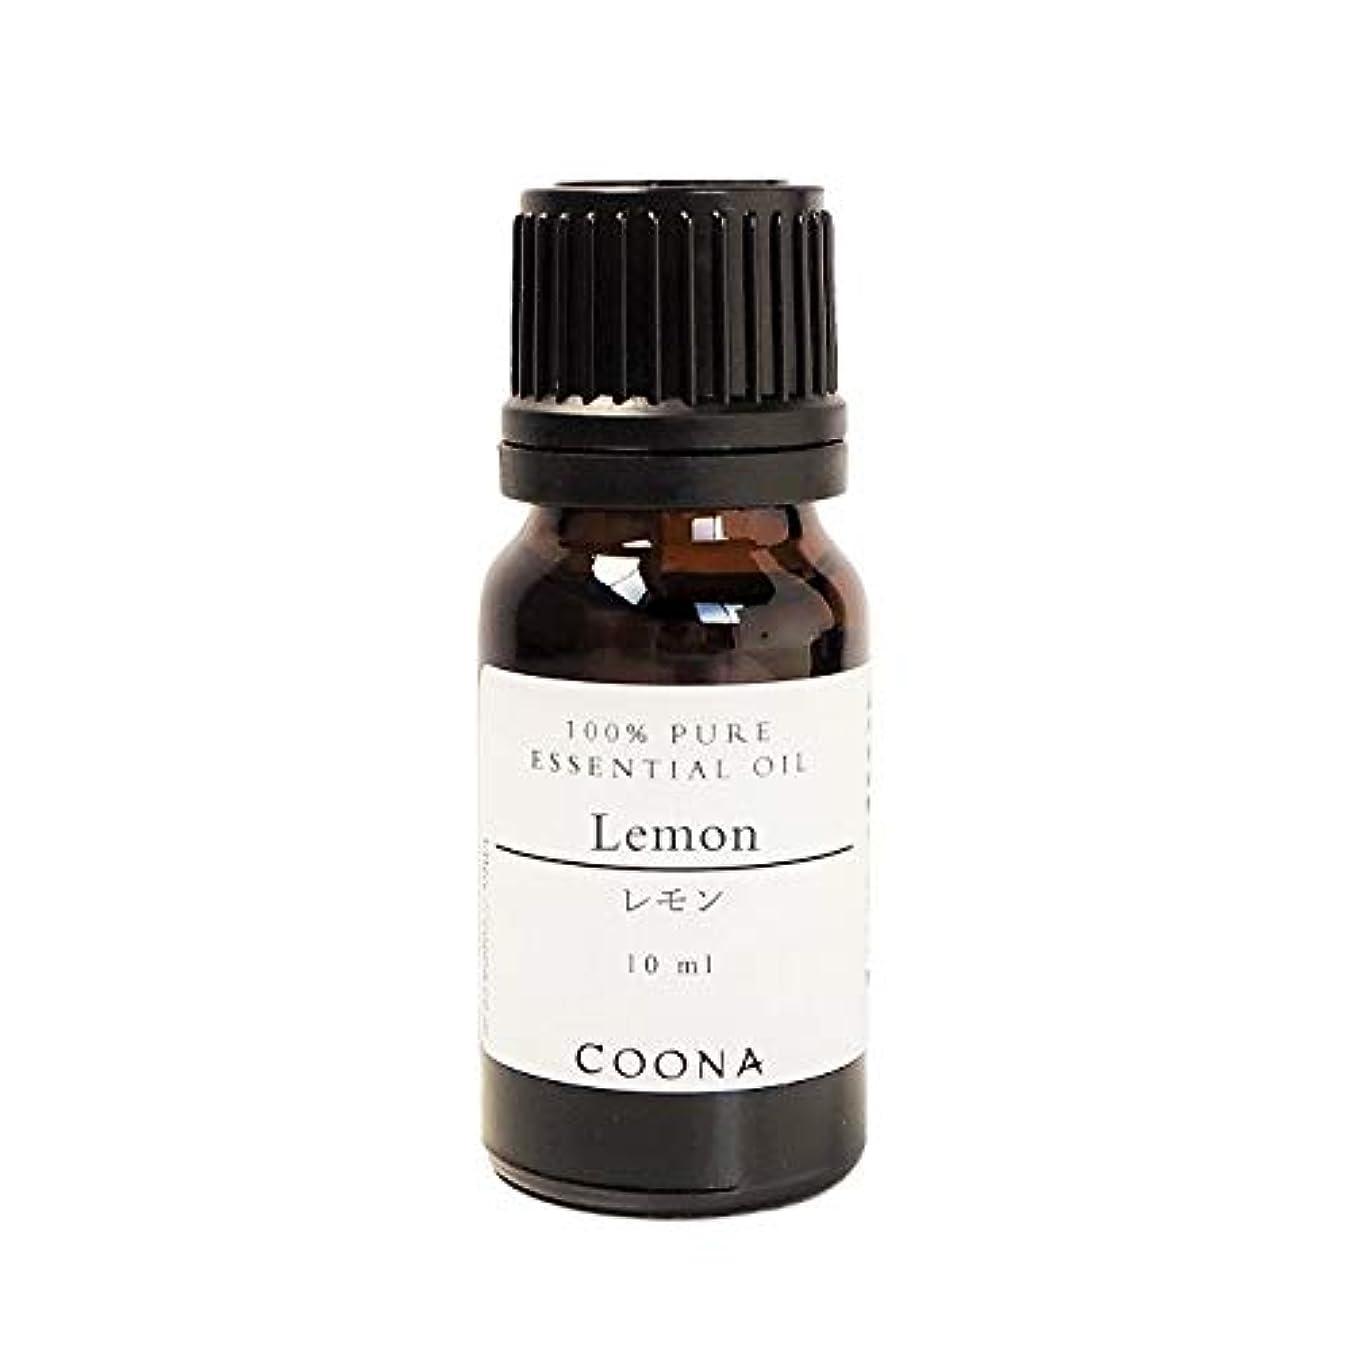 囲まれた必要とする極めてレモン 10ml (COONA エッセンシャルオイル アロマオイル 100%天然植物精油)